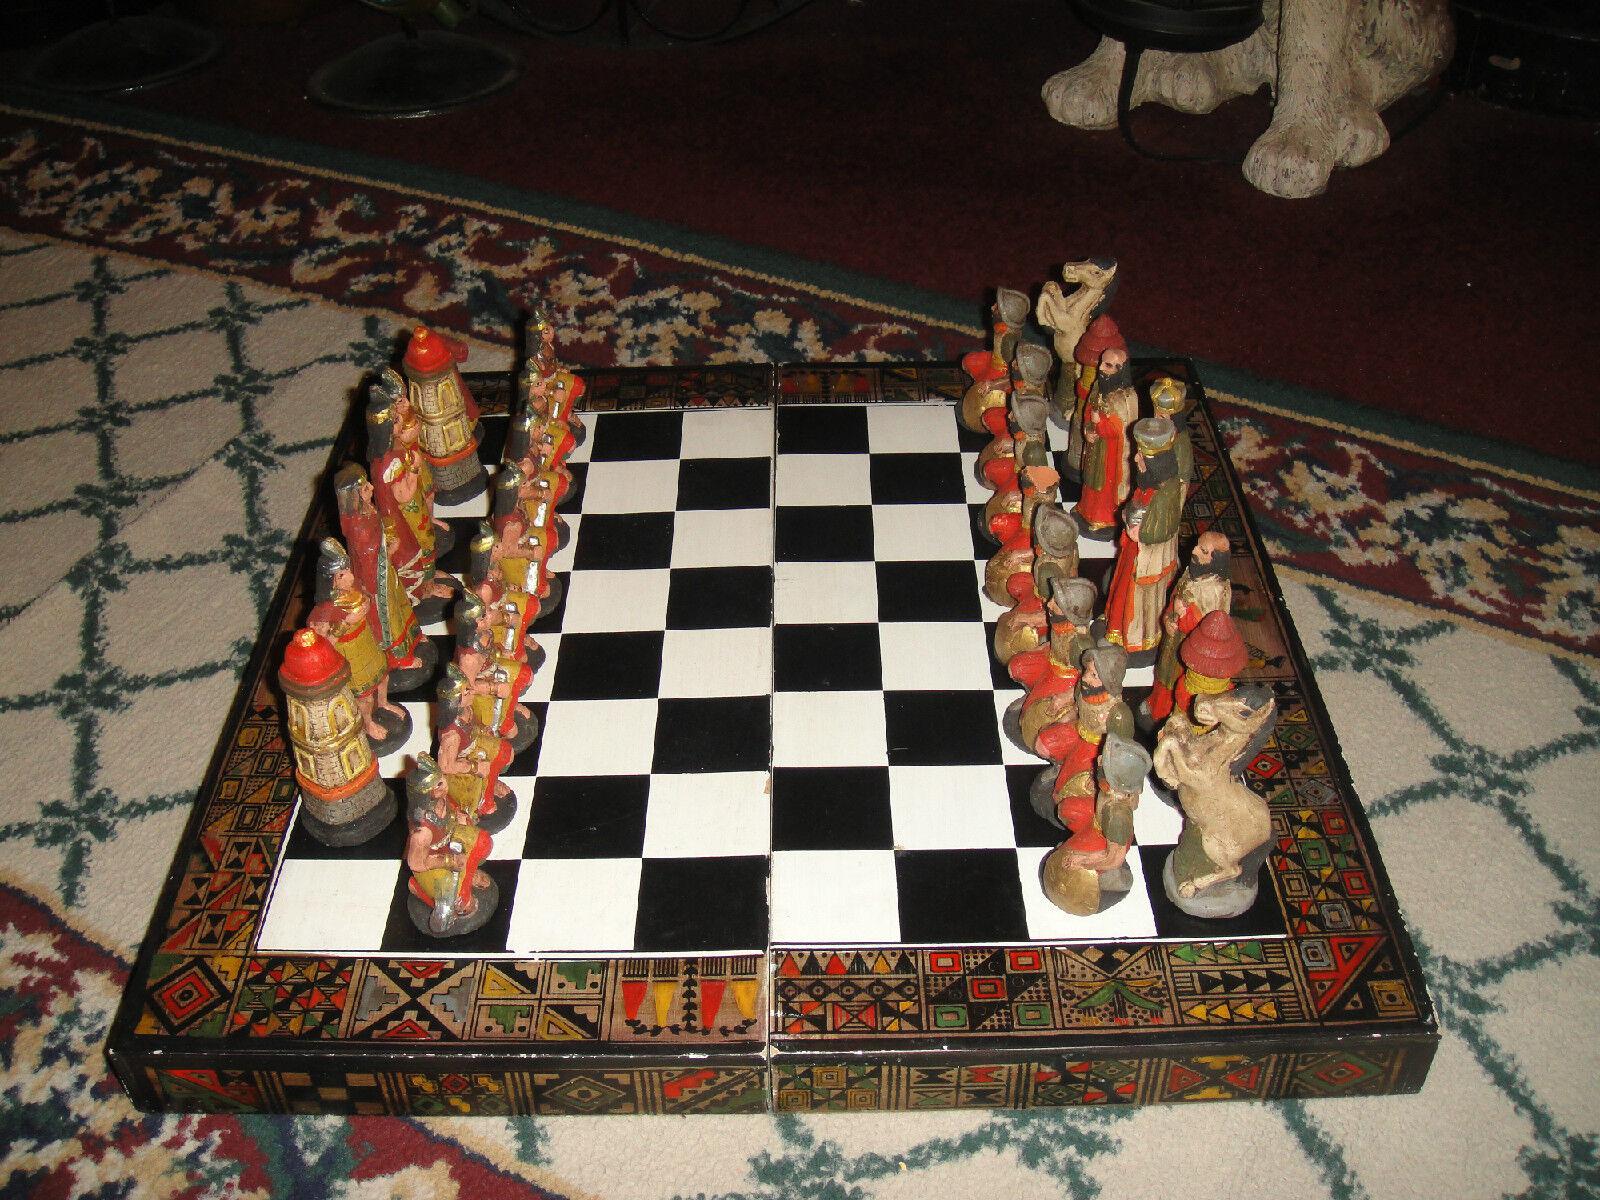 Vintage Croisades Chess Set-Chrécravatens et  les musulhommes-bois board-chalkware pottery  sortie d'exportation